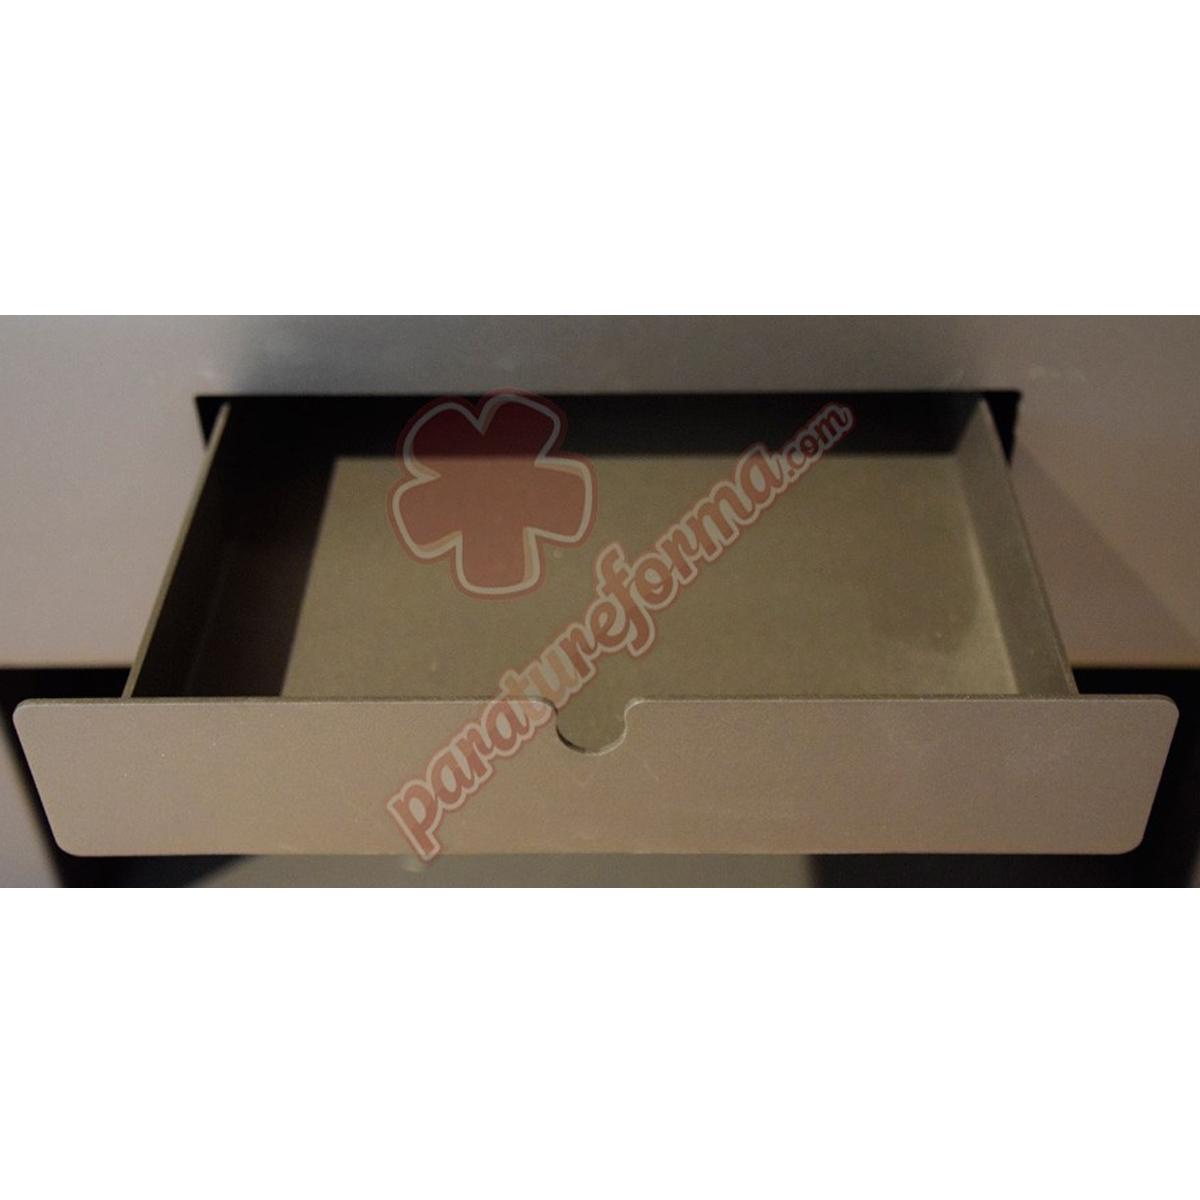 Hornos de leña FM Calefacción FM HL-100-R - Horno de leña de rincón al mejor precio online